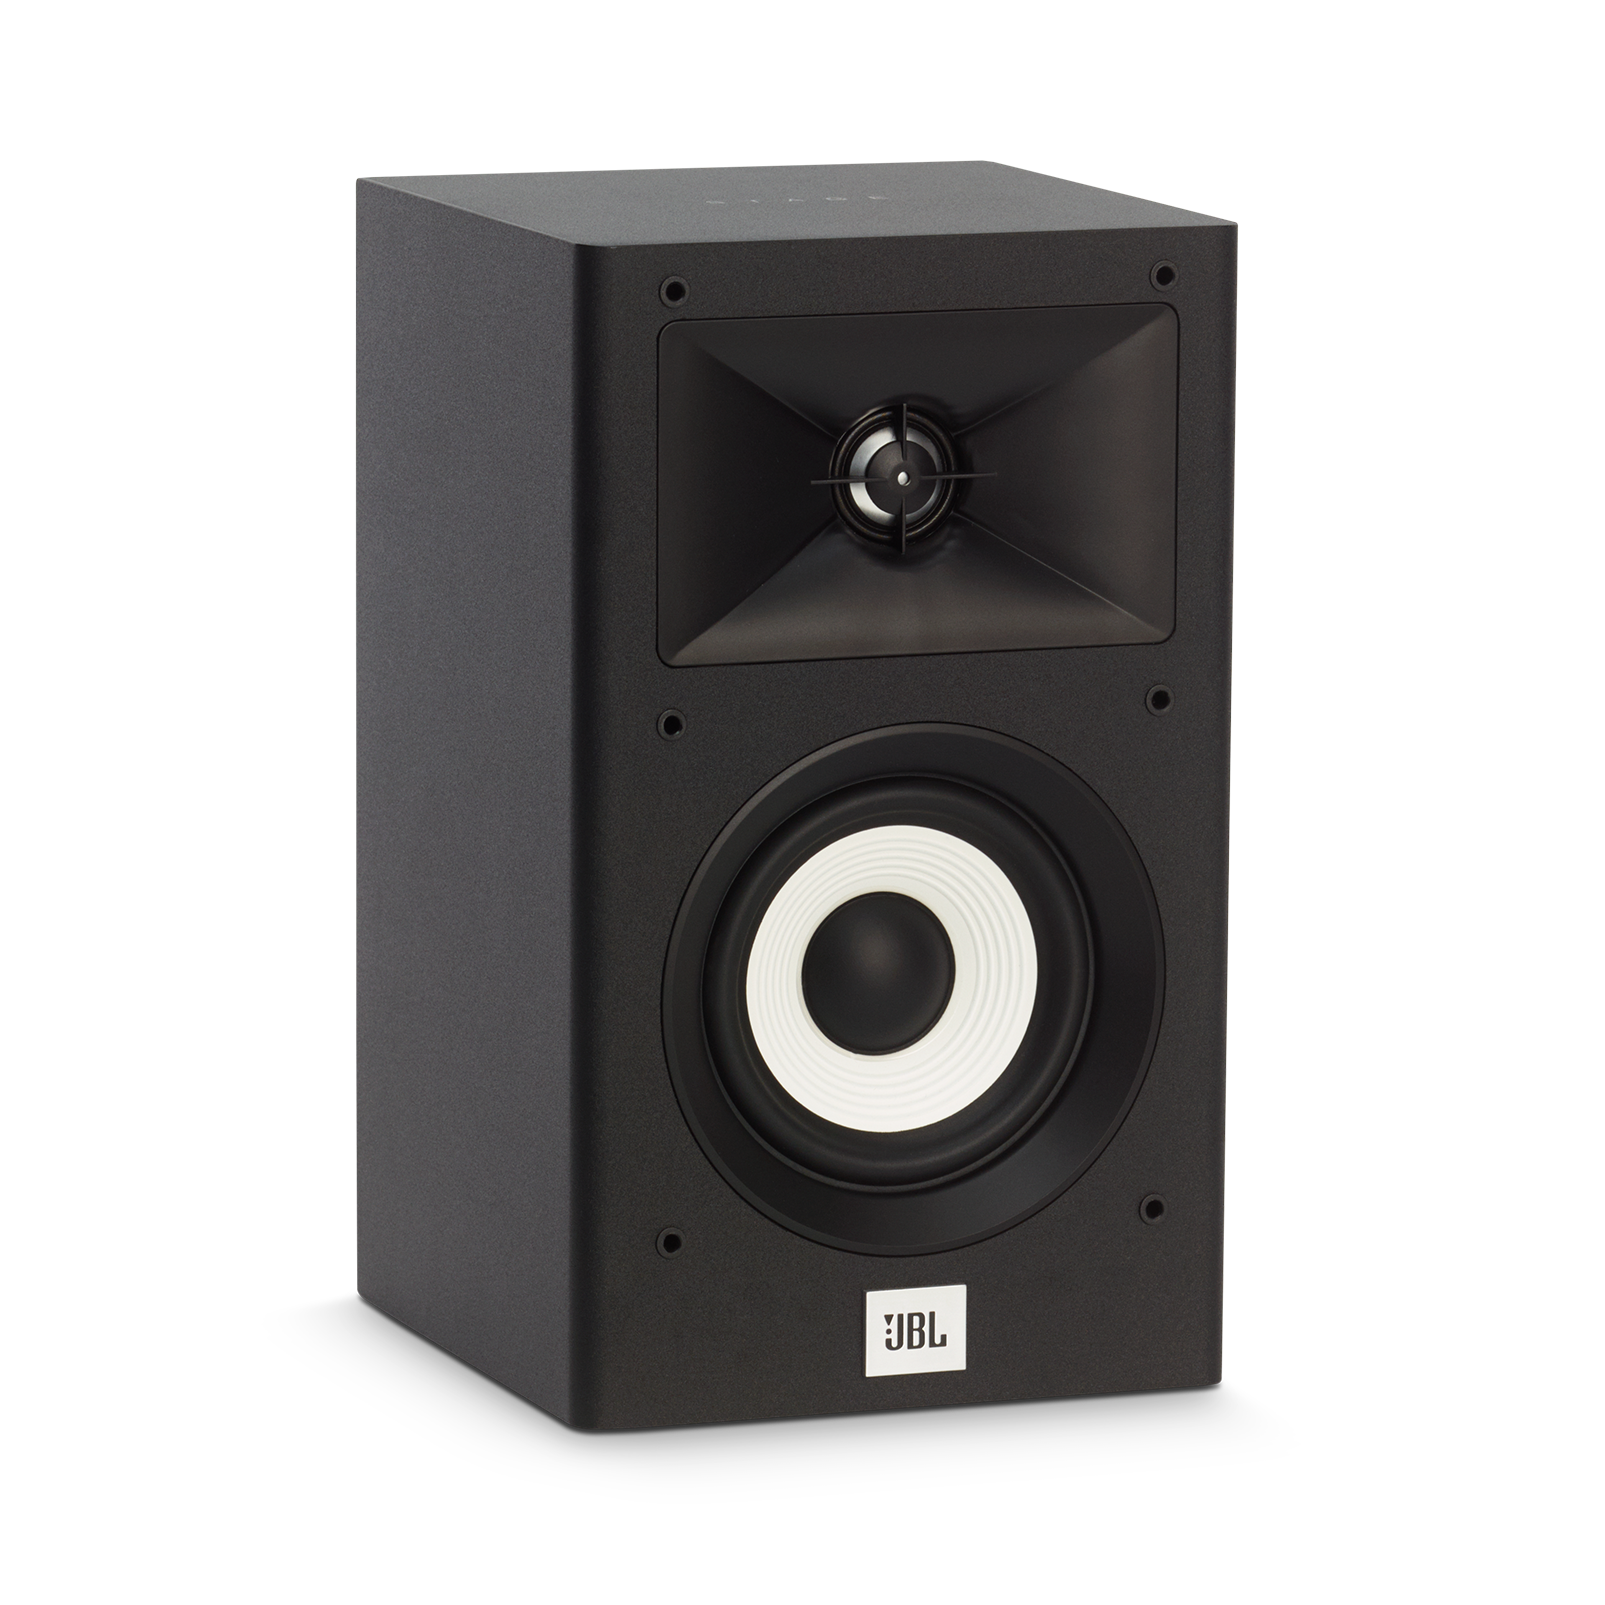 jbl stage a120 home audio loudspeaker system. Black Bedroom Furniture Sets. Home Design Ideas